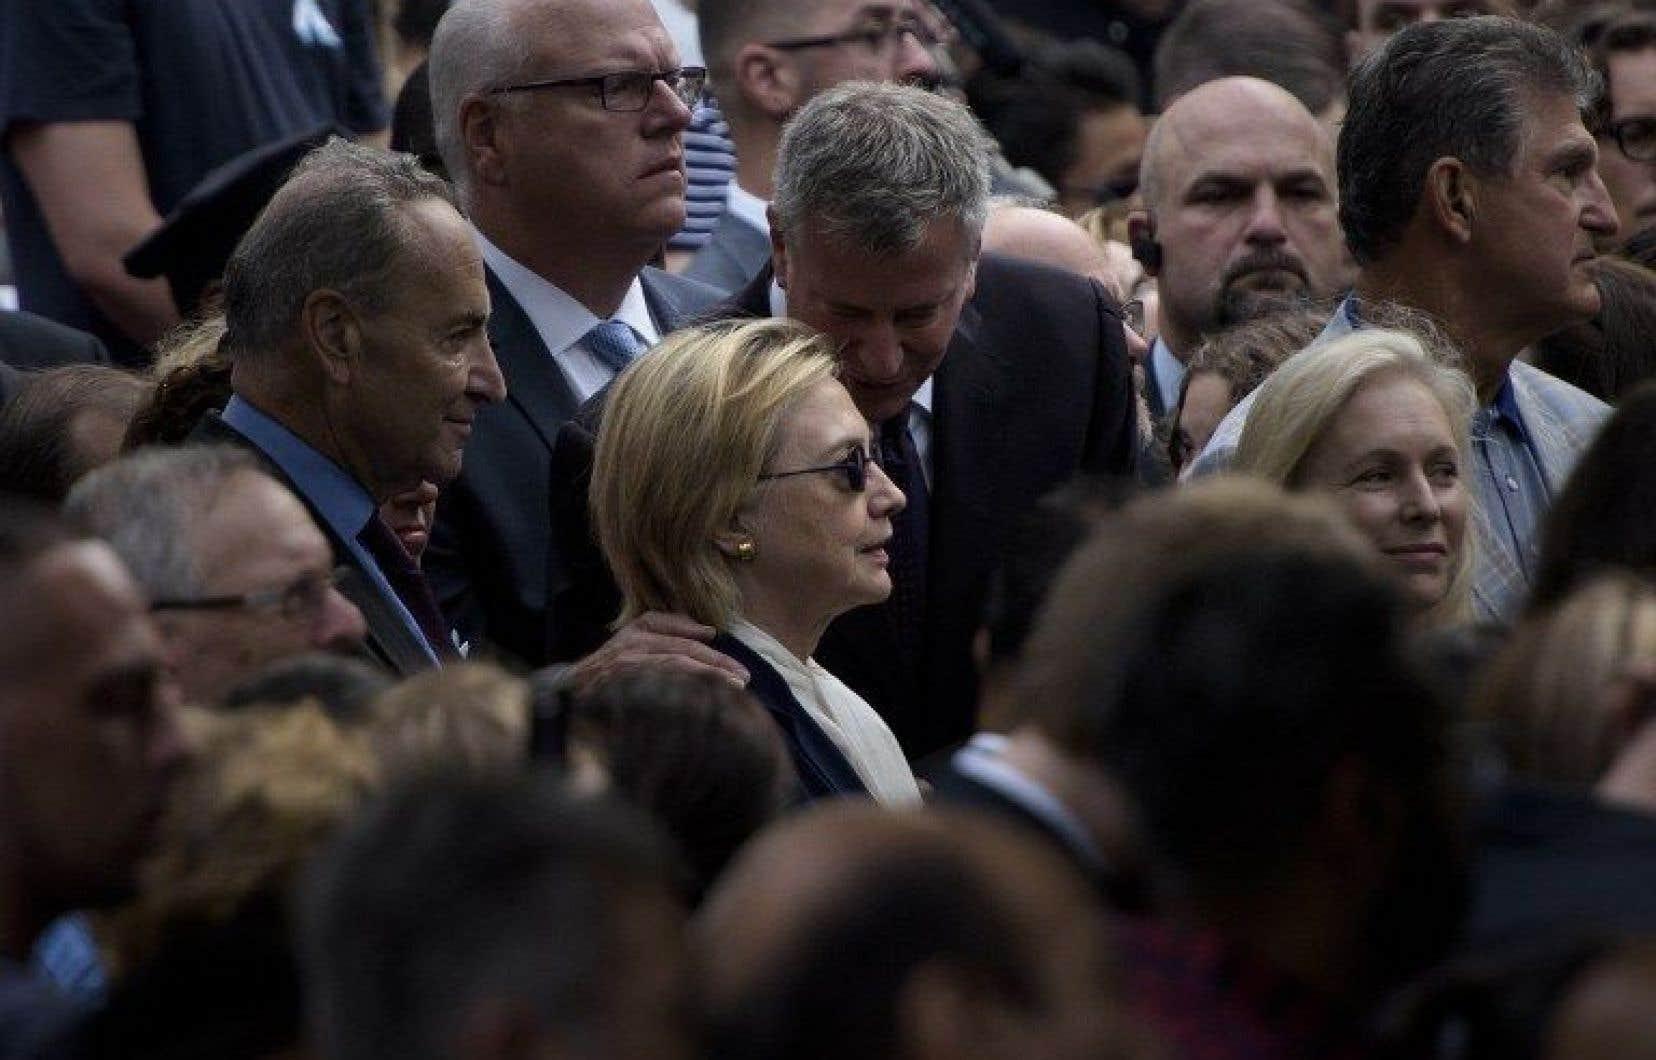 La candidate démocrate Hillary Clintona participé dimanche à la minute de silence à l'occasion de la cérémonie de commémoration des attentats du 11 septembre 2001, à New York.